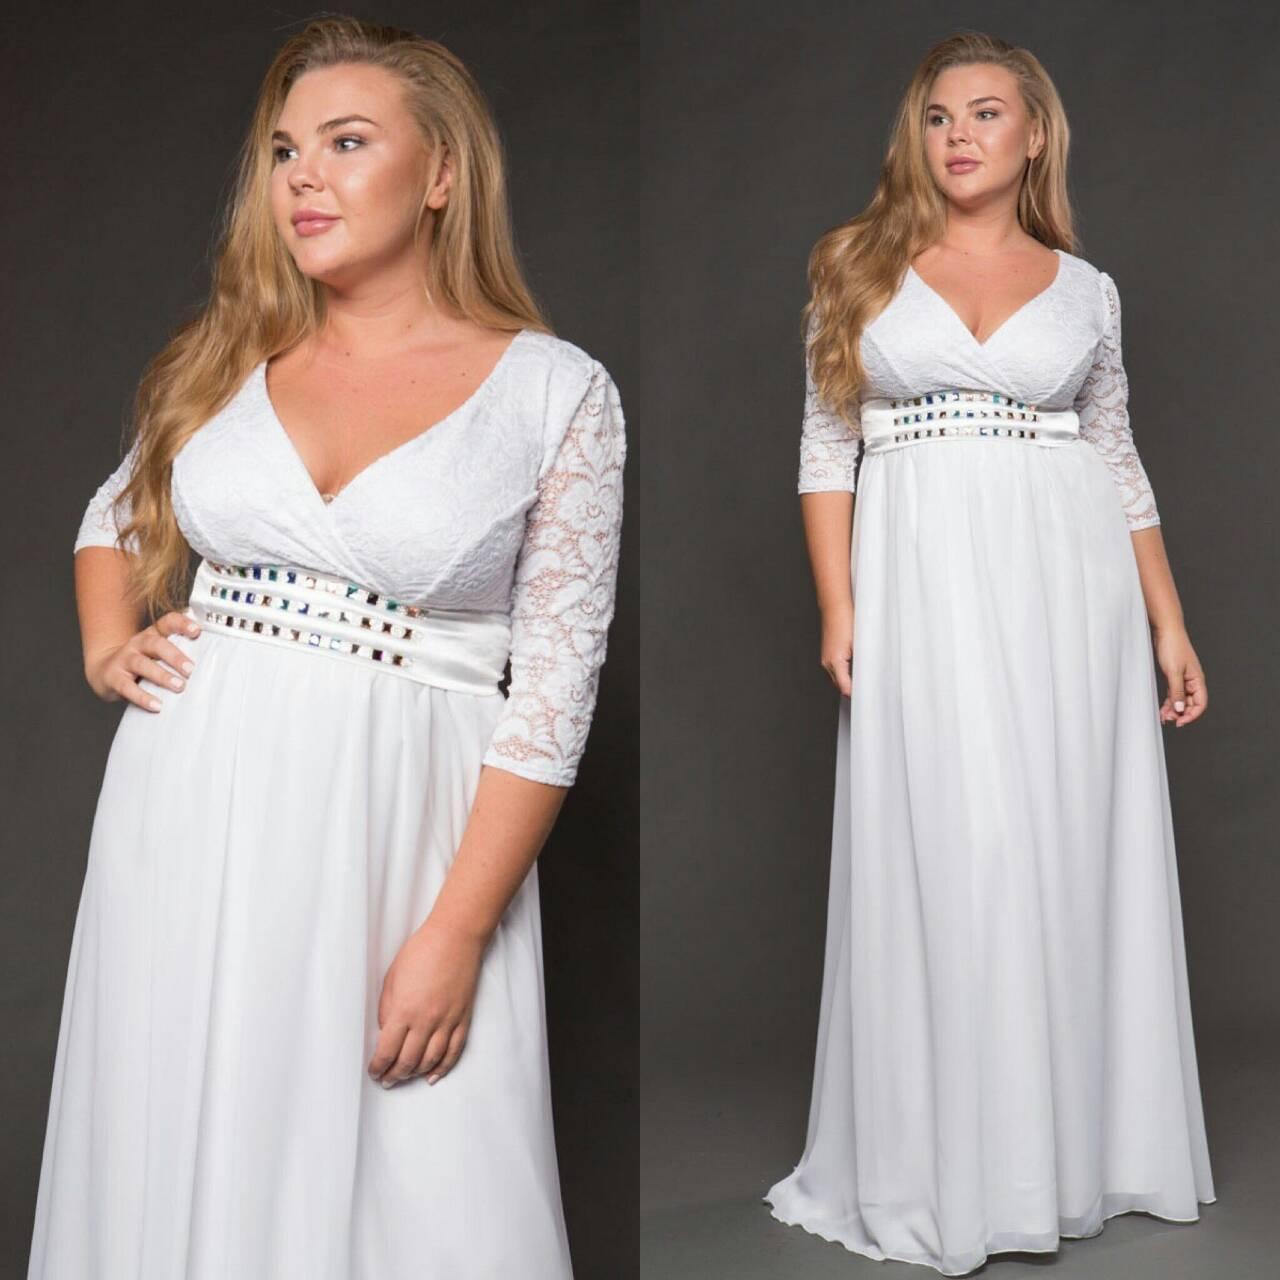 3417a0a07eb Длинное белое платье (батал) 48-52 р.  1 378 грн. - Свадебные платья ...